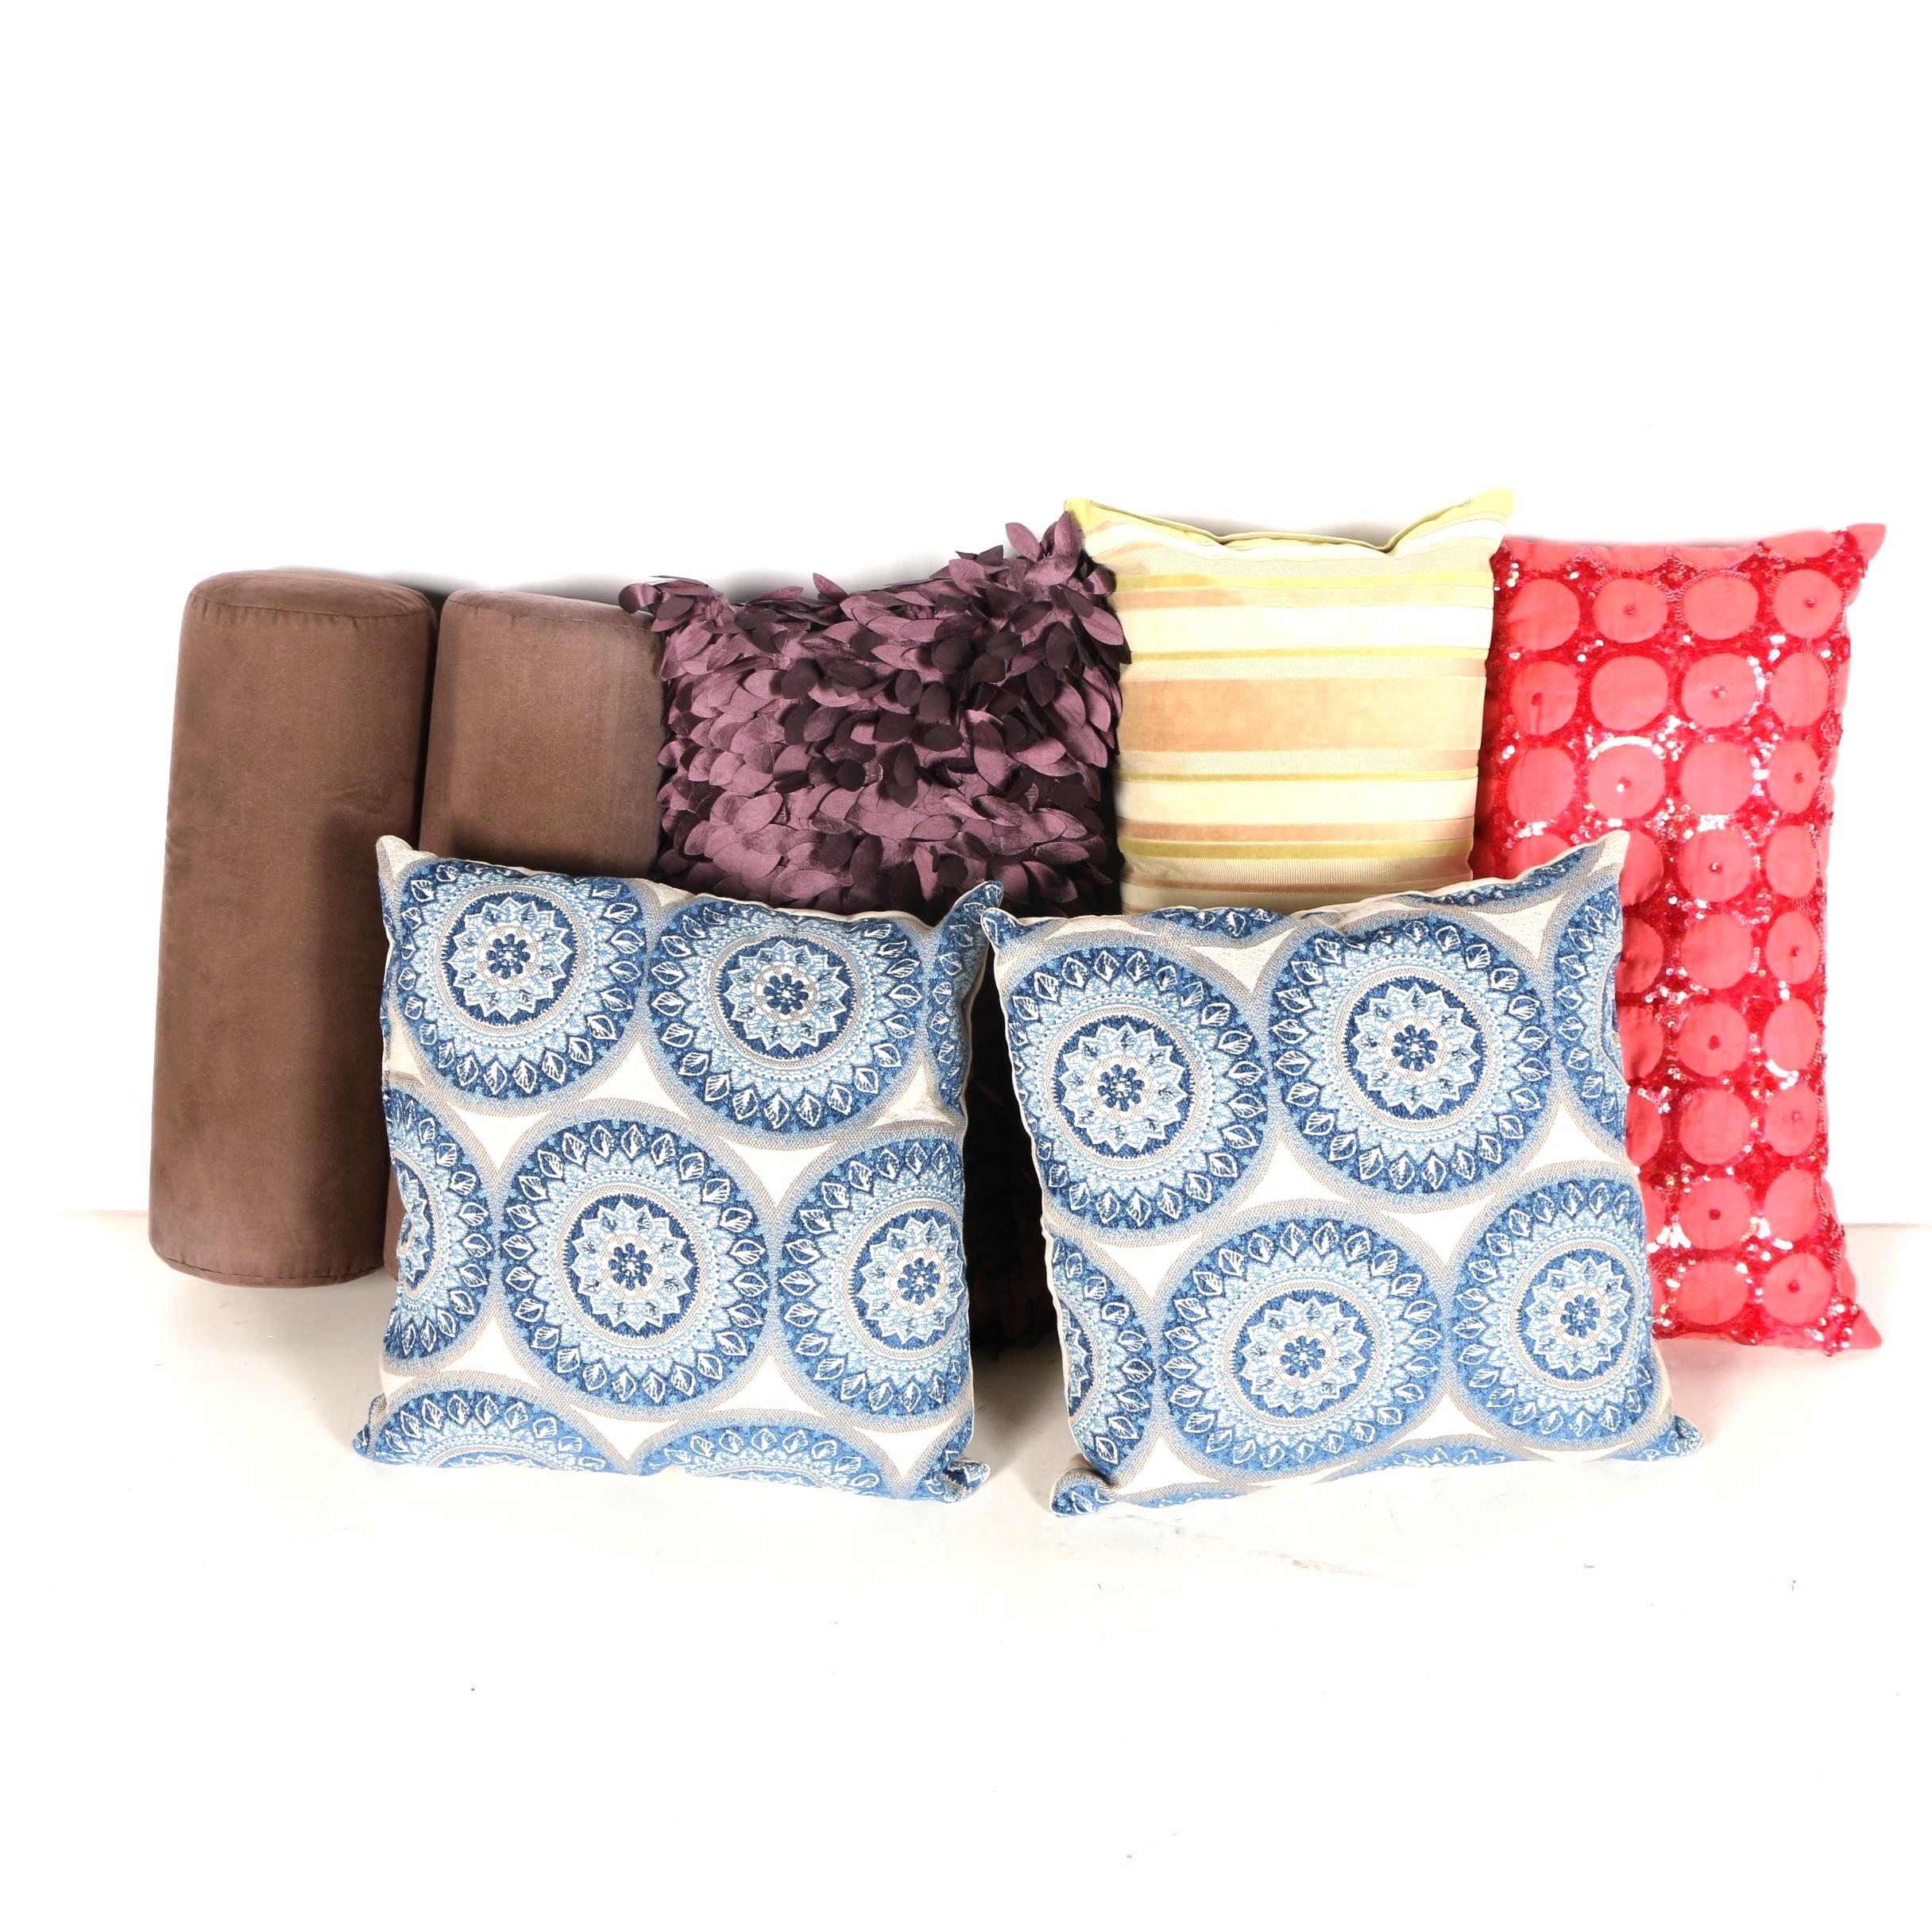 Assortment of Seven Decorative Designer Pillows with Velvet